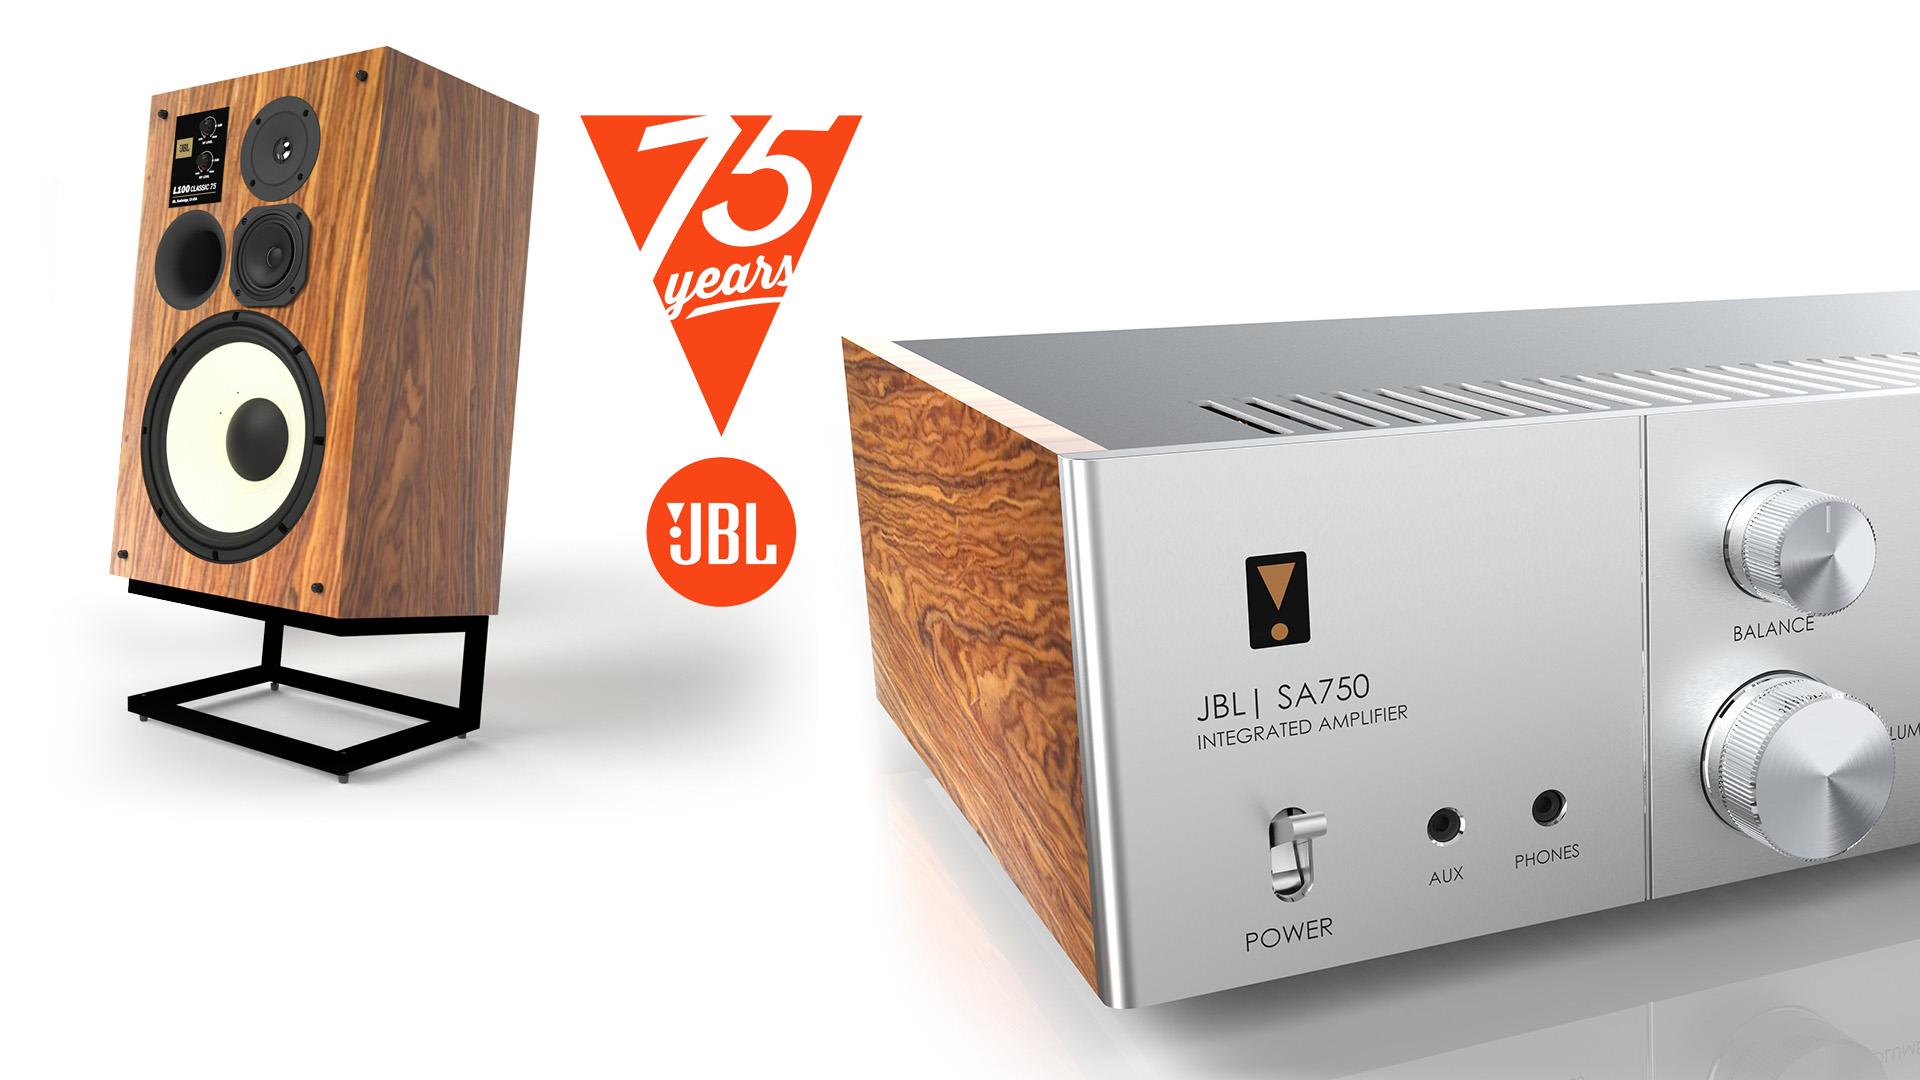 709-_-JBL-SA750-_-L100-Classic-75.jpg